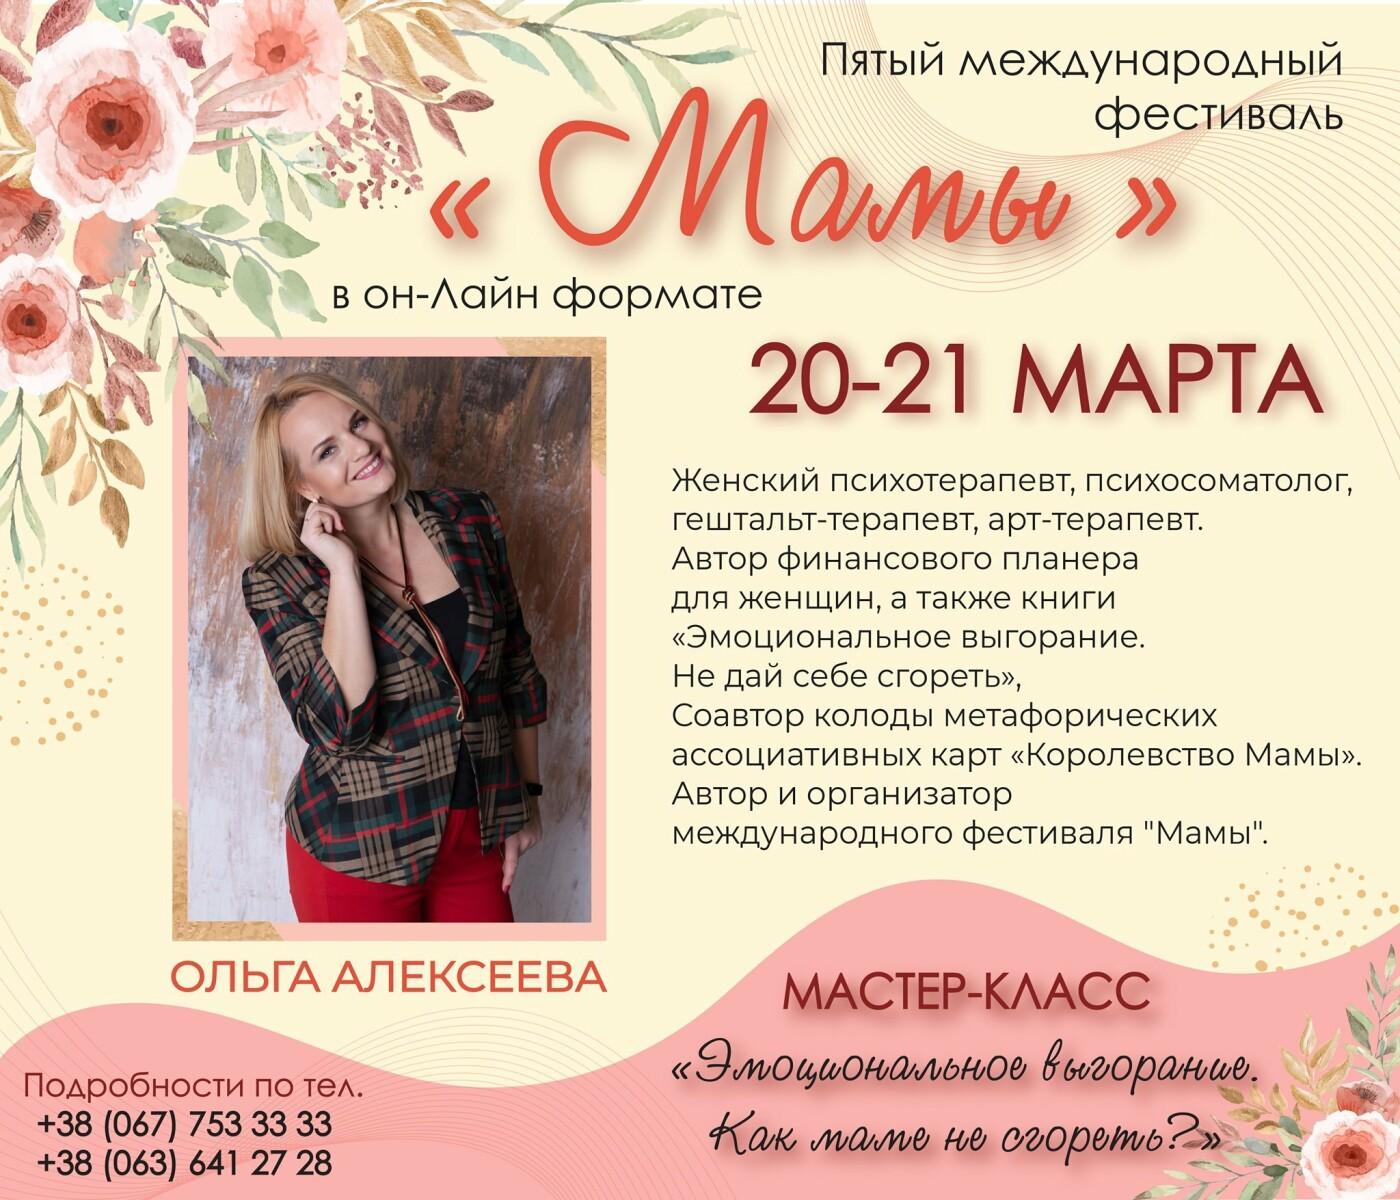 """Міжнародний фестиваль """"Мами"""" у Кам'янці-Подільському запрошує, фото-8"""